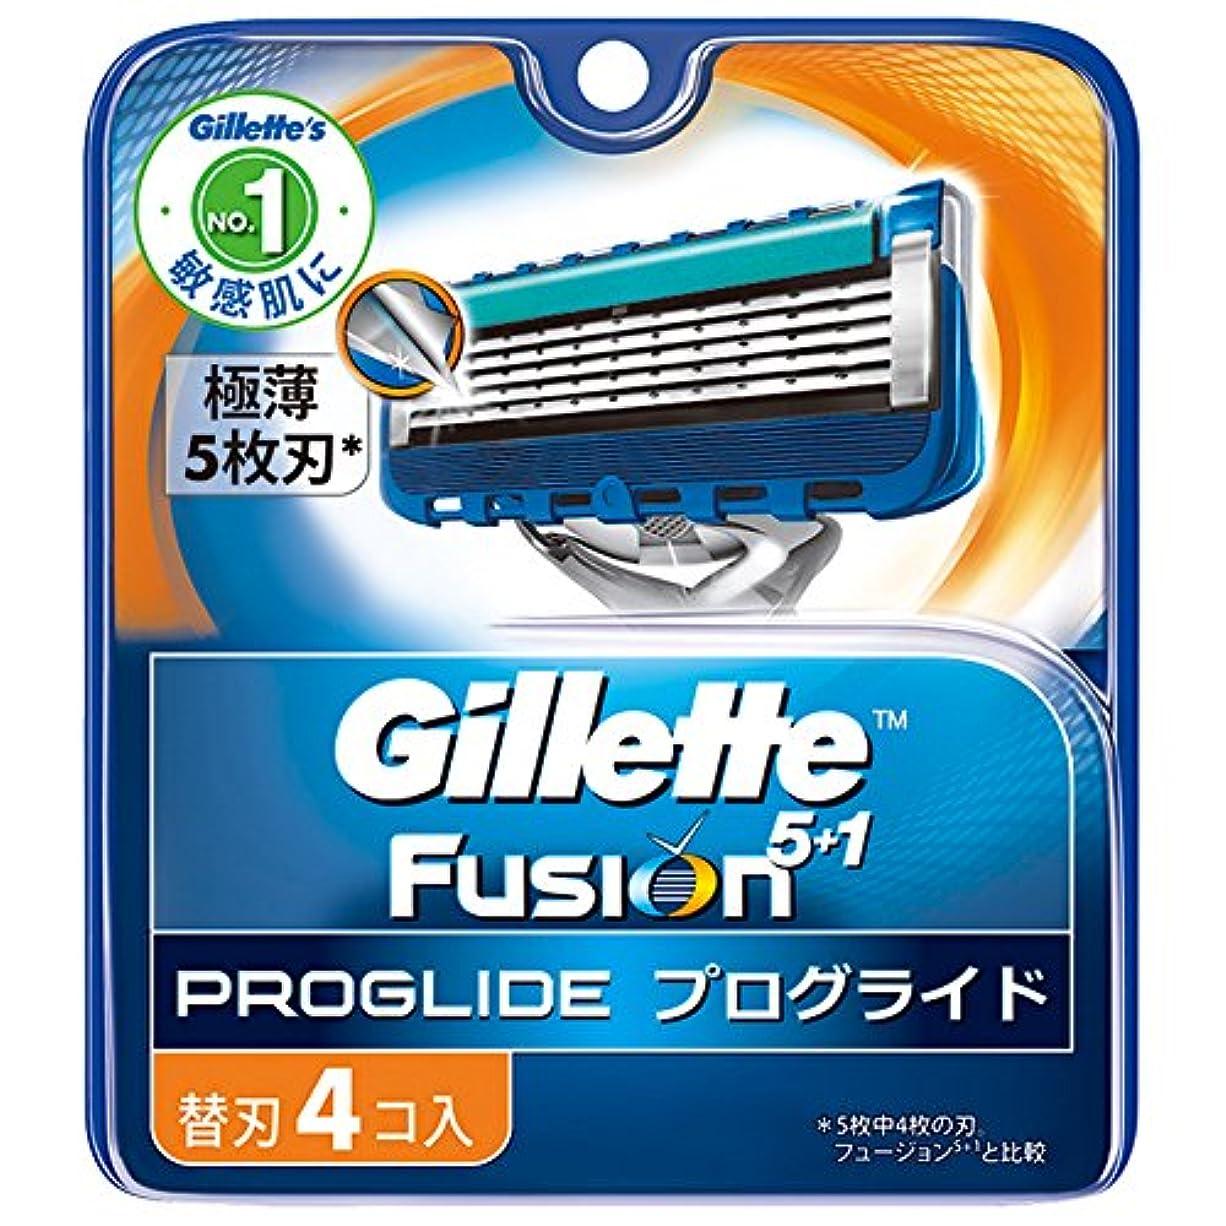 ゴージャスのれんパトワジレット 髭剃り プログライド フレックスボール マニュアル 替刃4個入